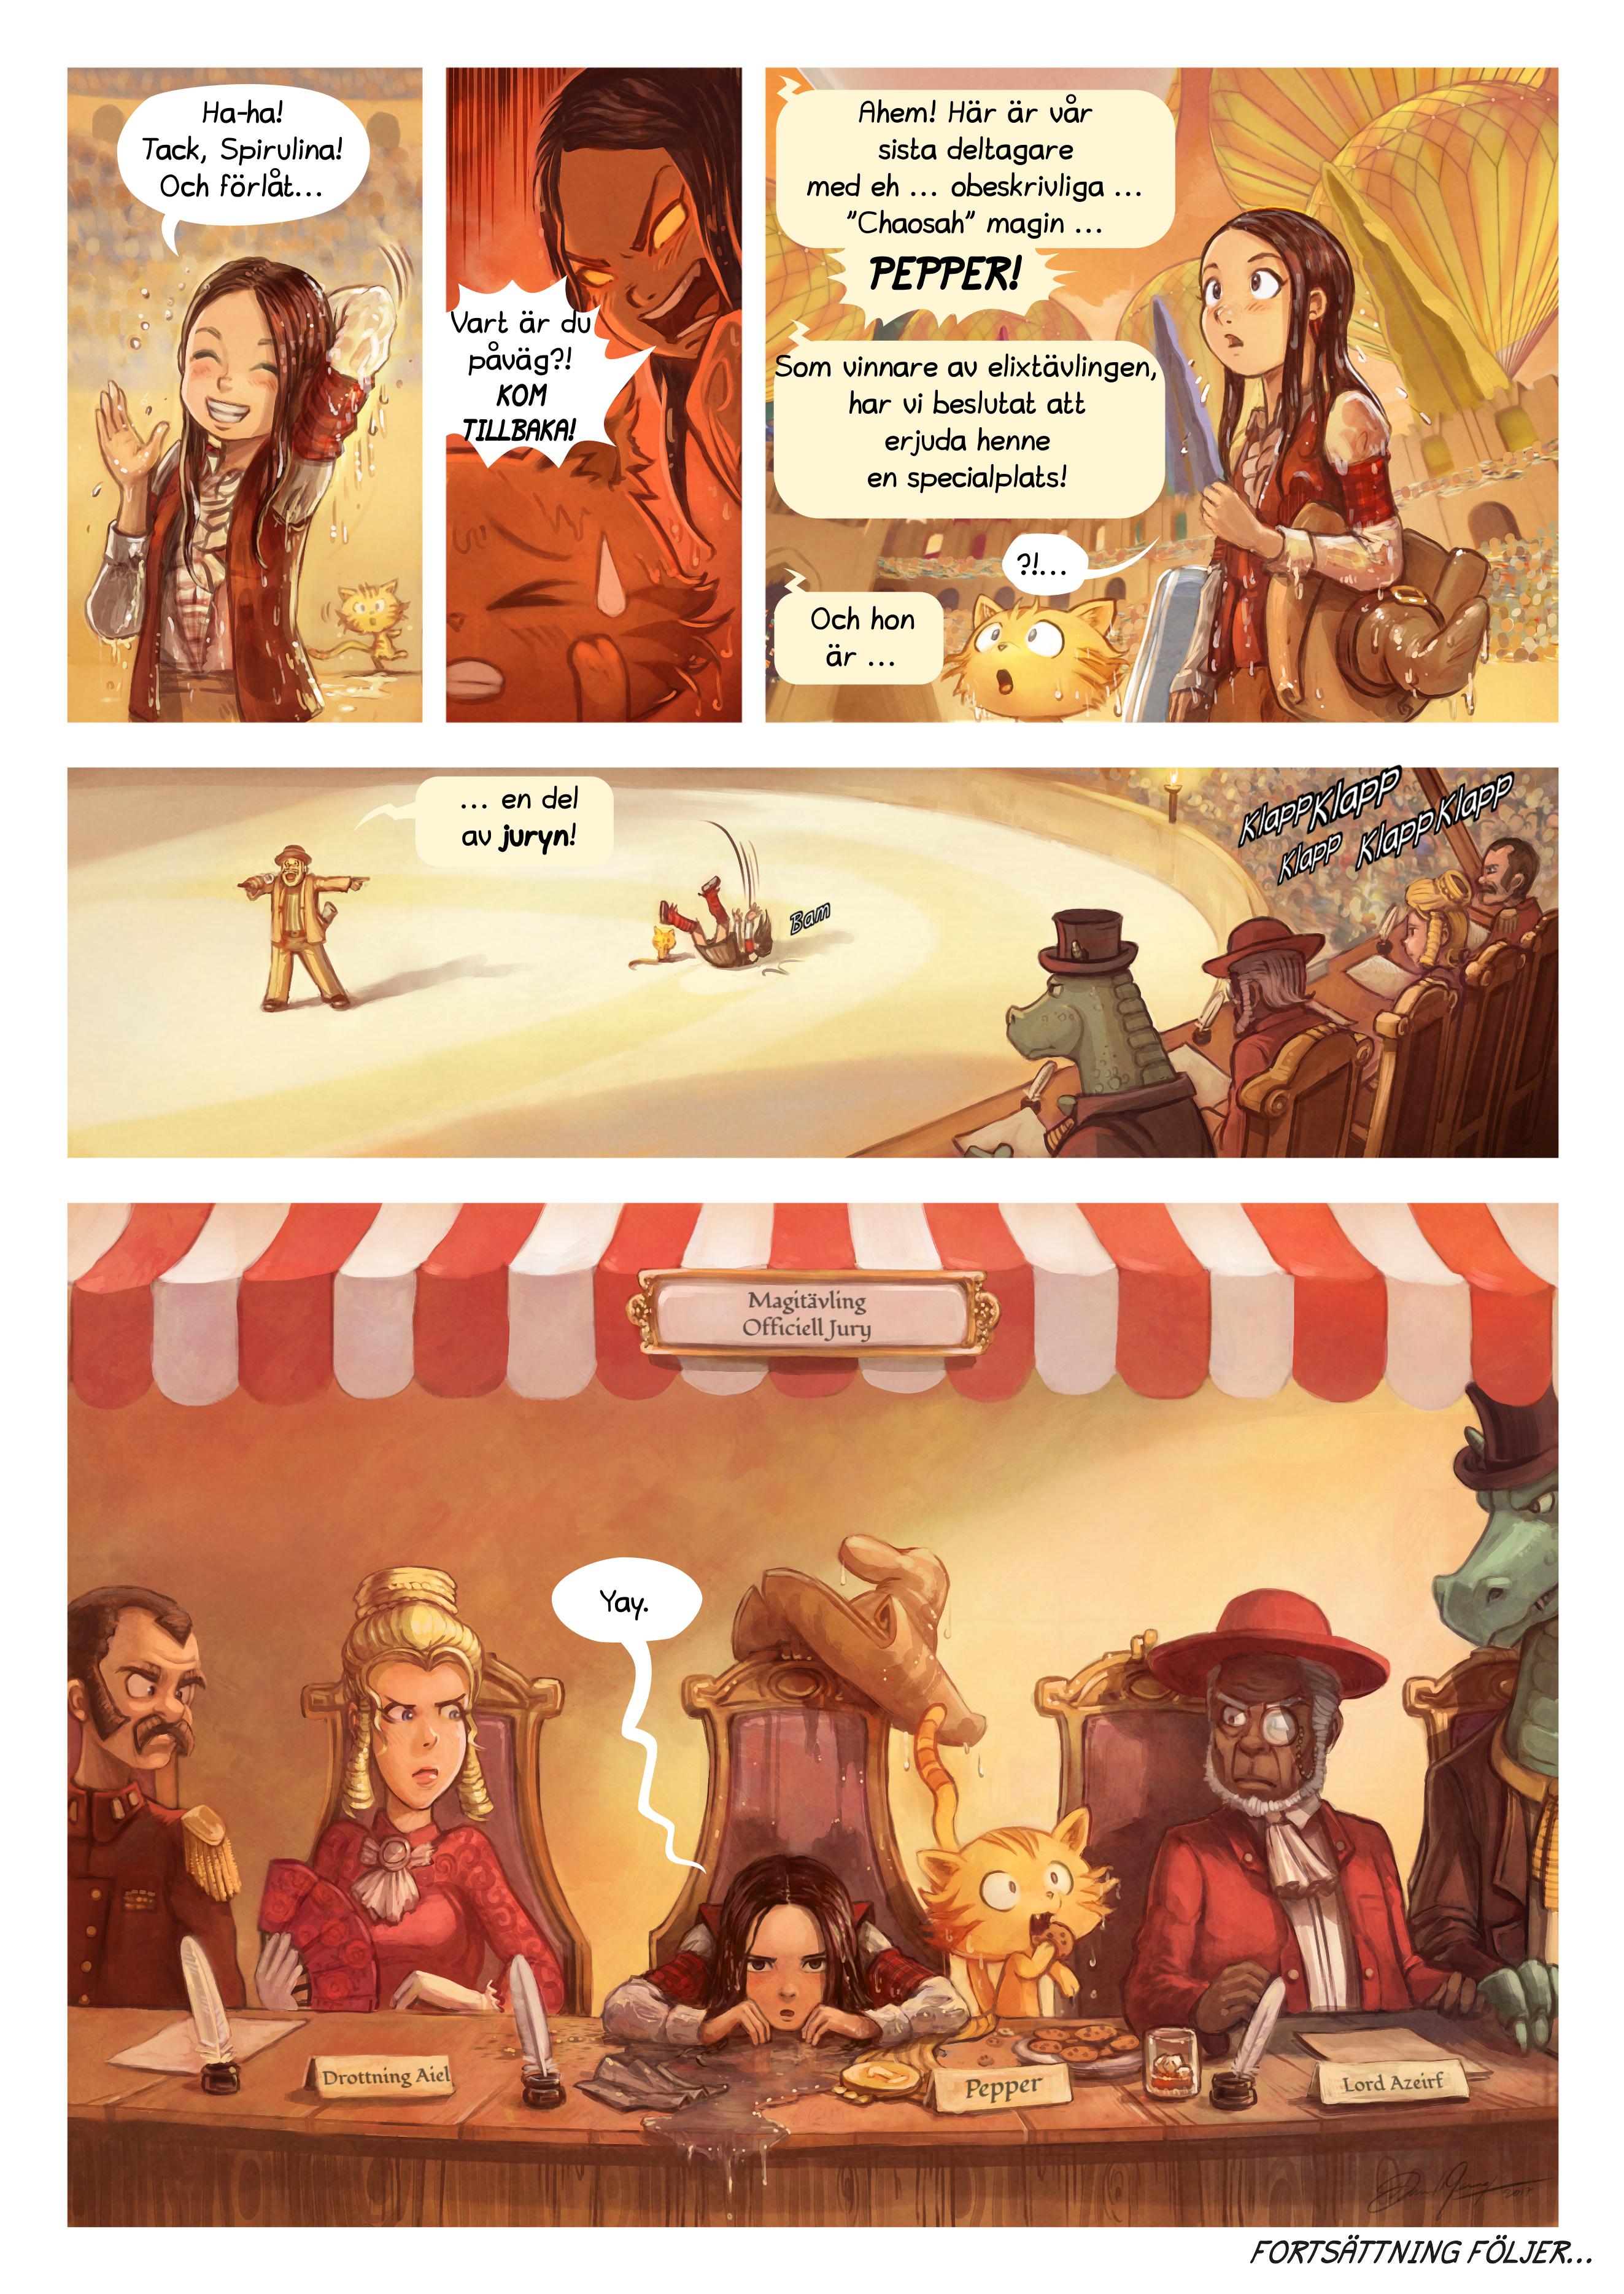 Episode 21: Magitävlingen, Page 7